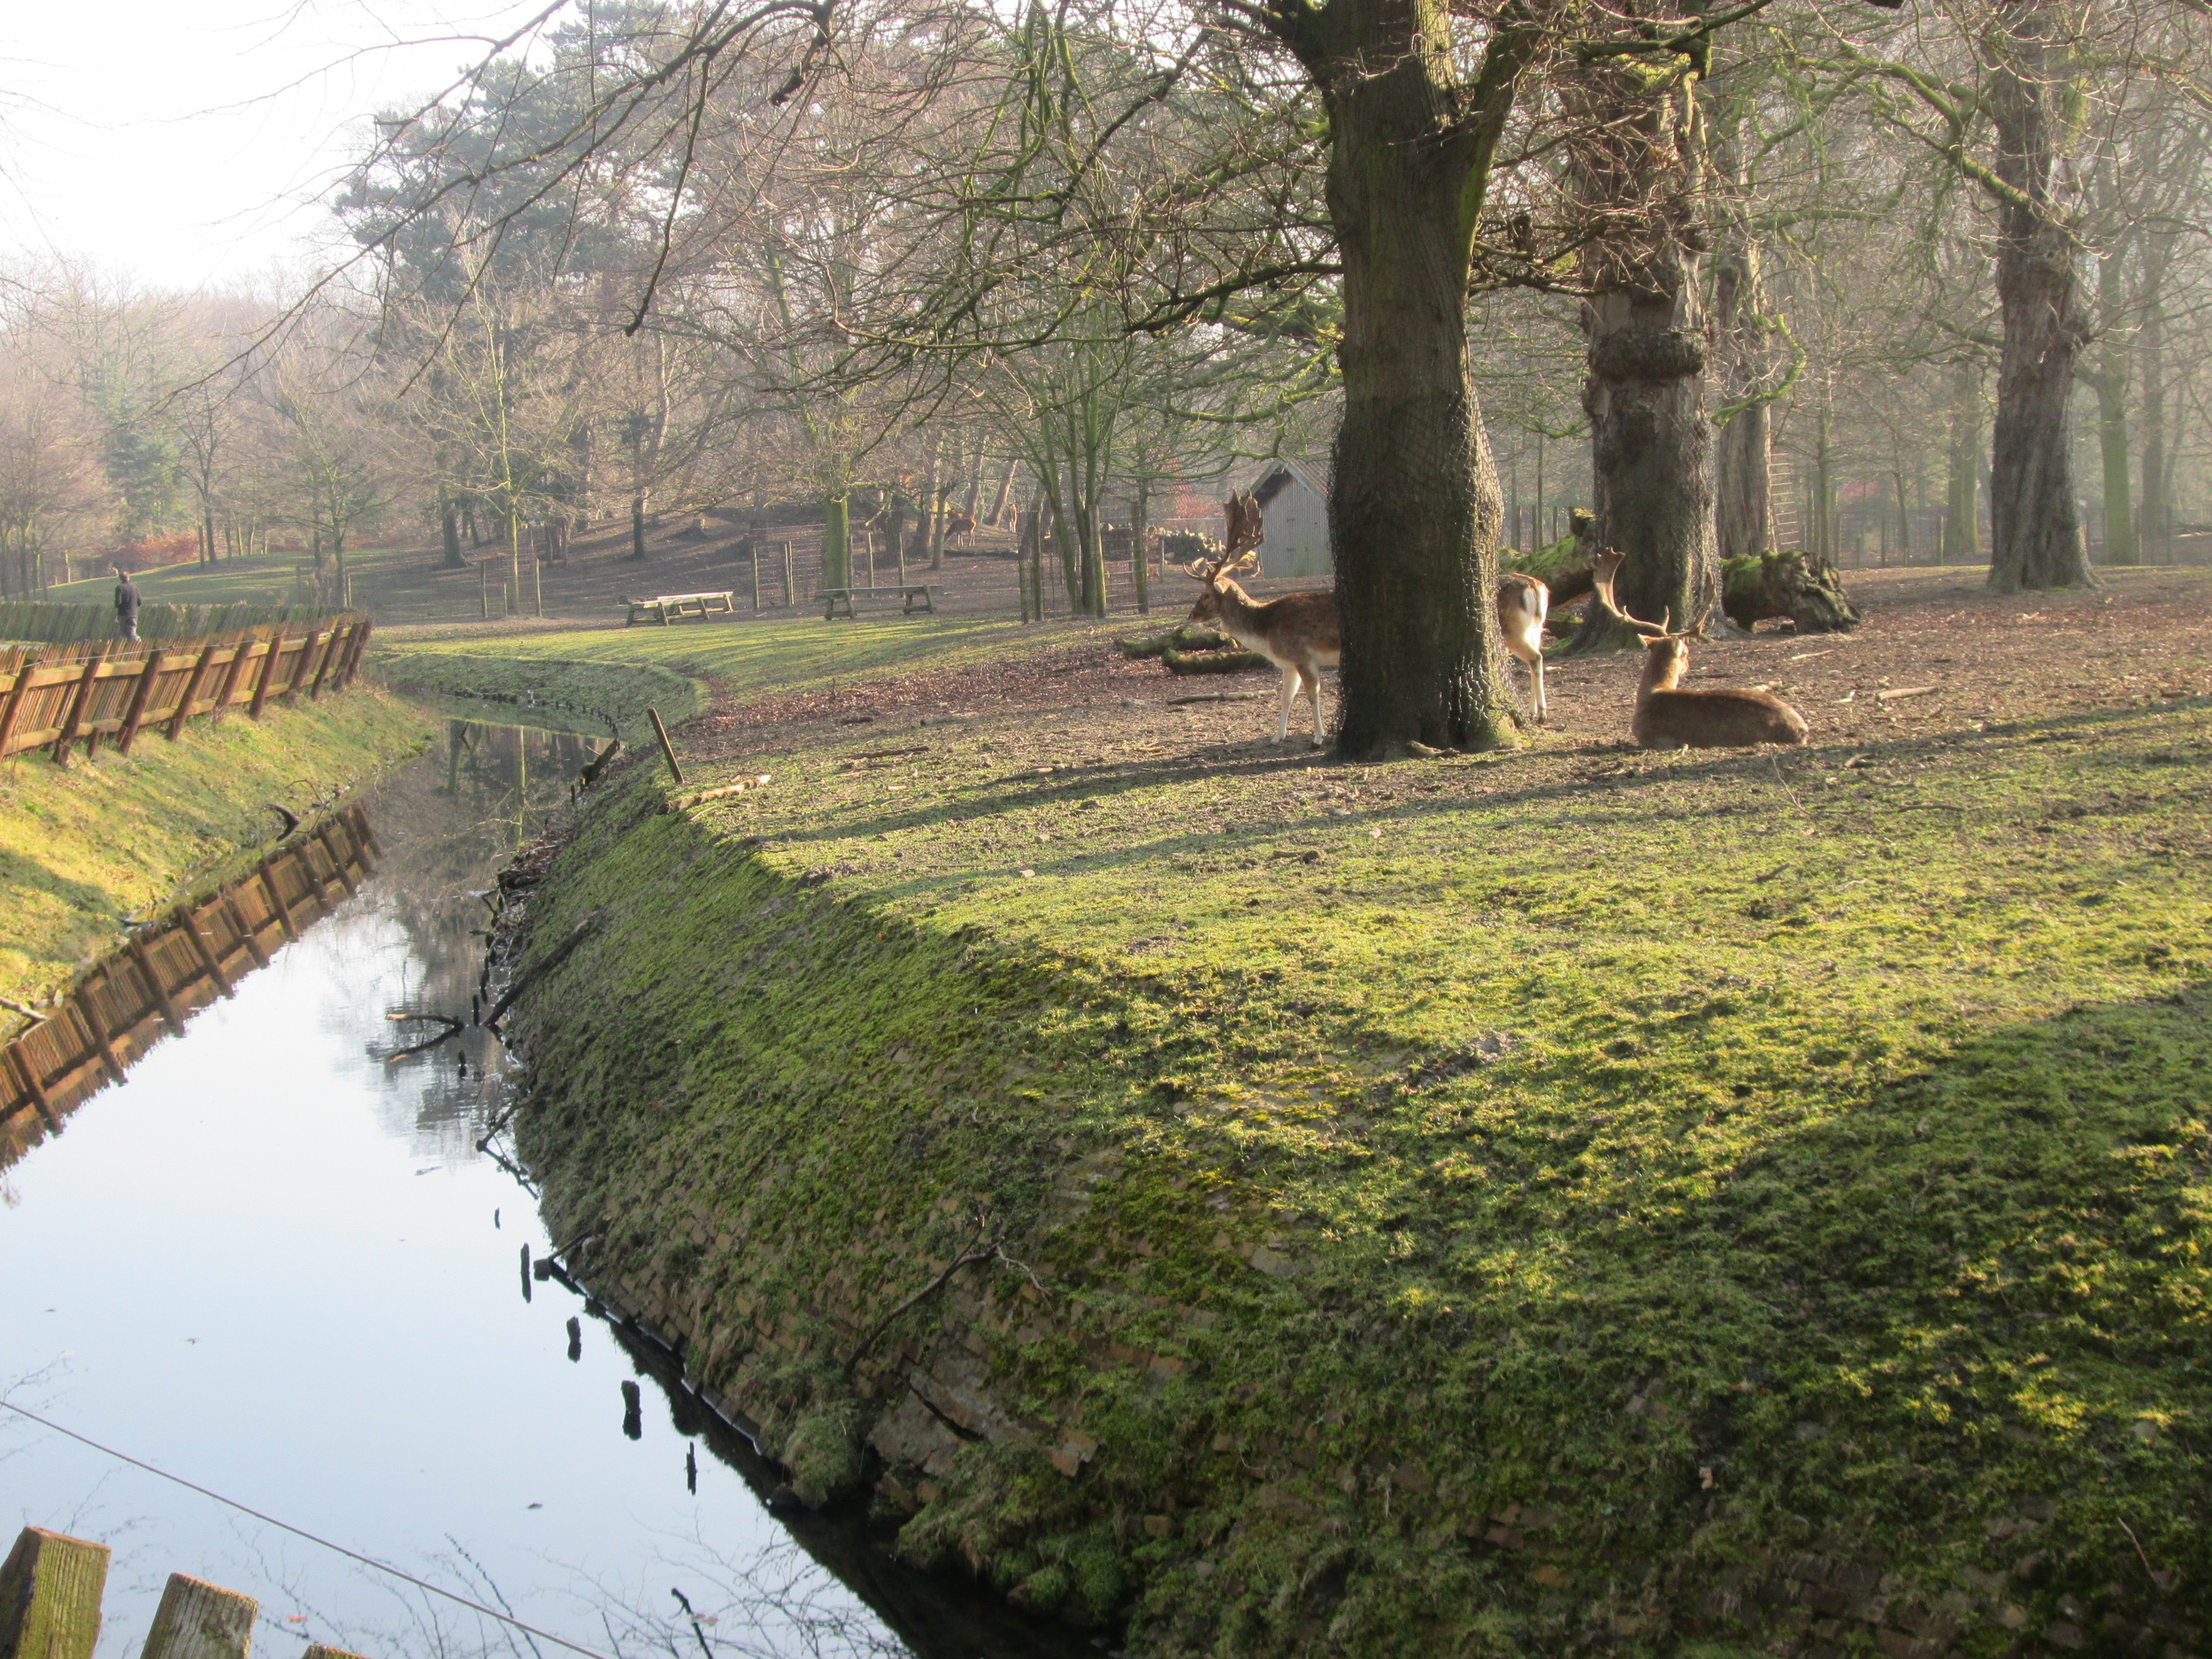 Deer in the Koekamp in Den Haag